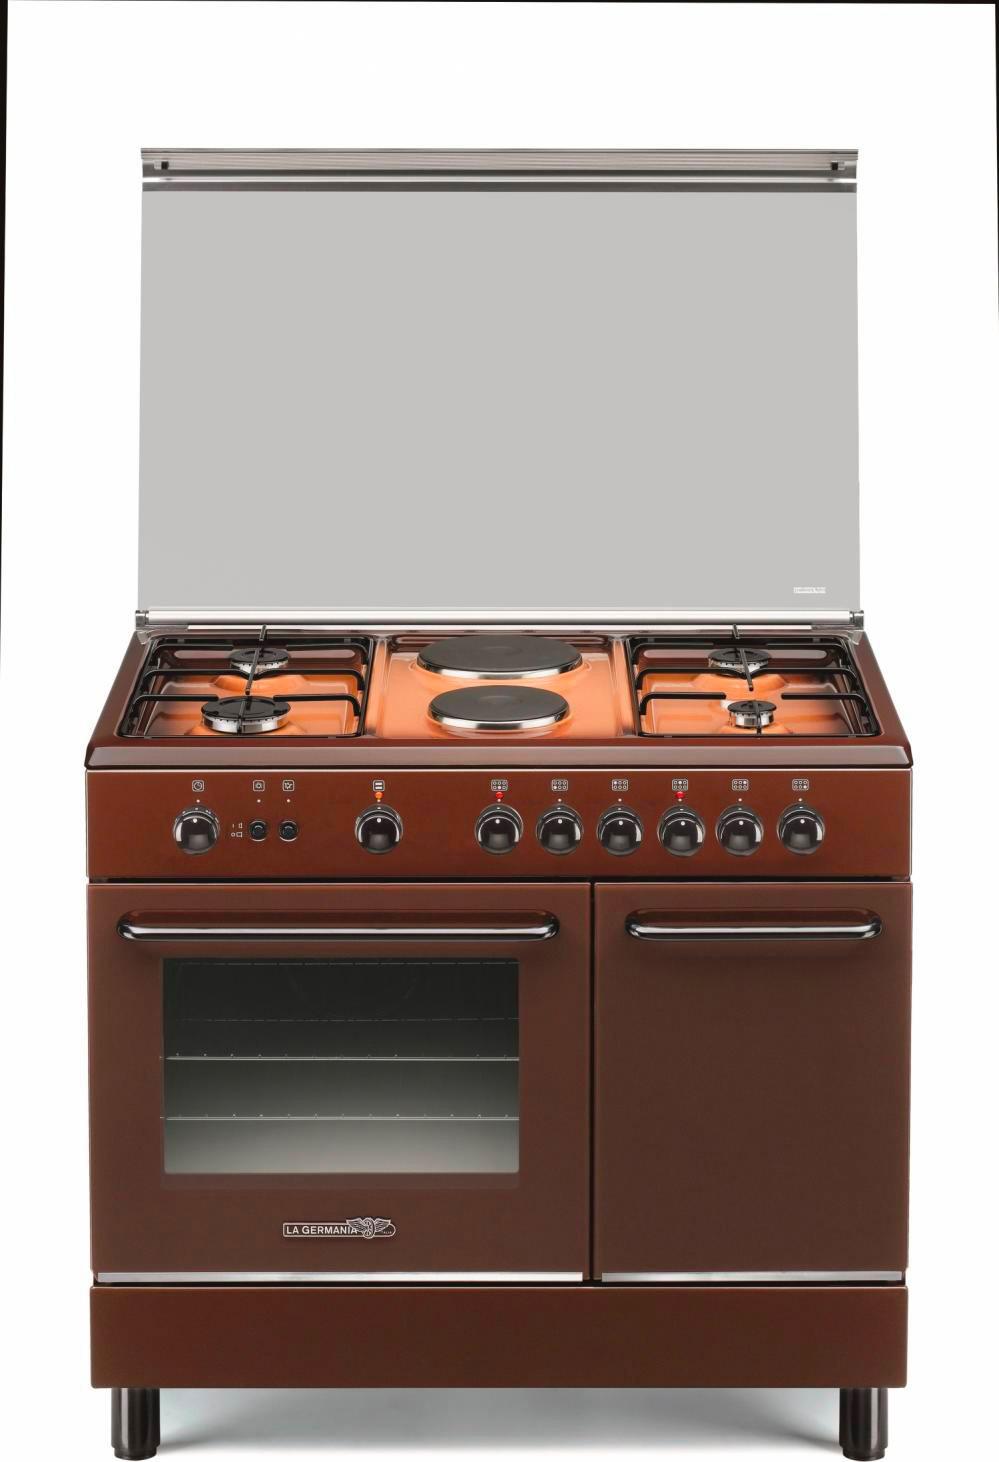 La germania cucina a gas elettrica 6 fuochi con forno elettrico con grill larghezza 90 cm - Cucine a gas la germania ...